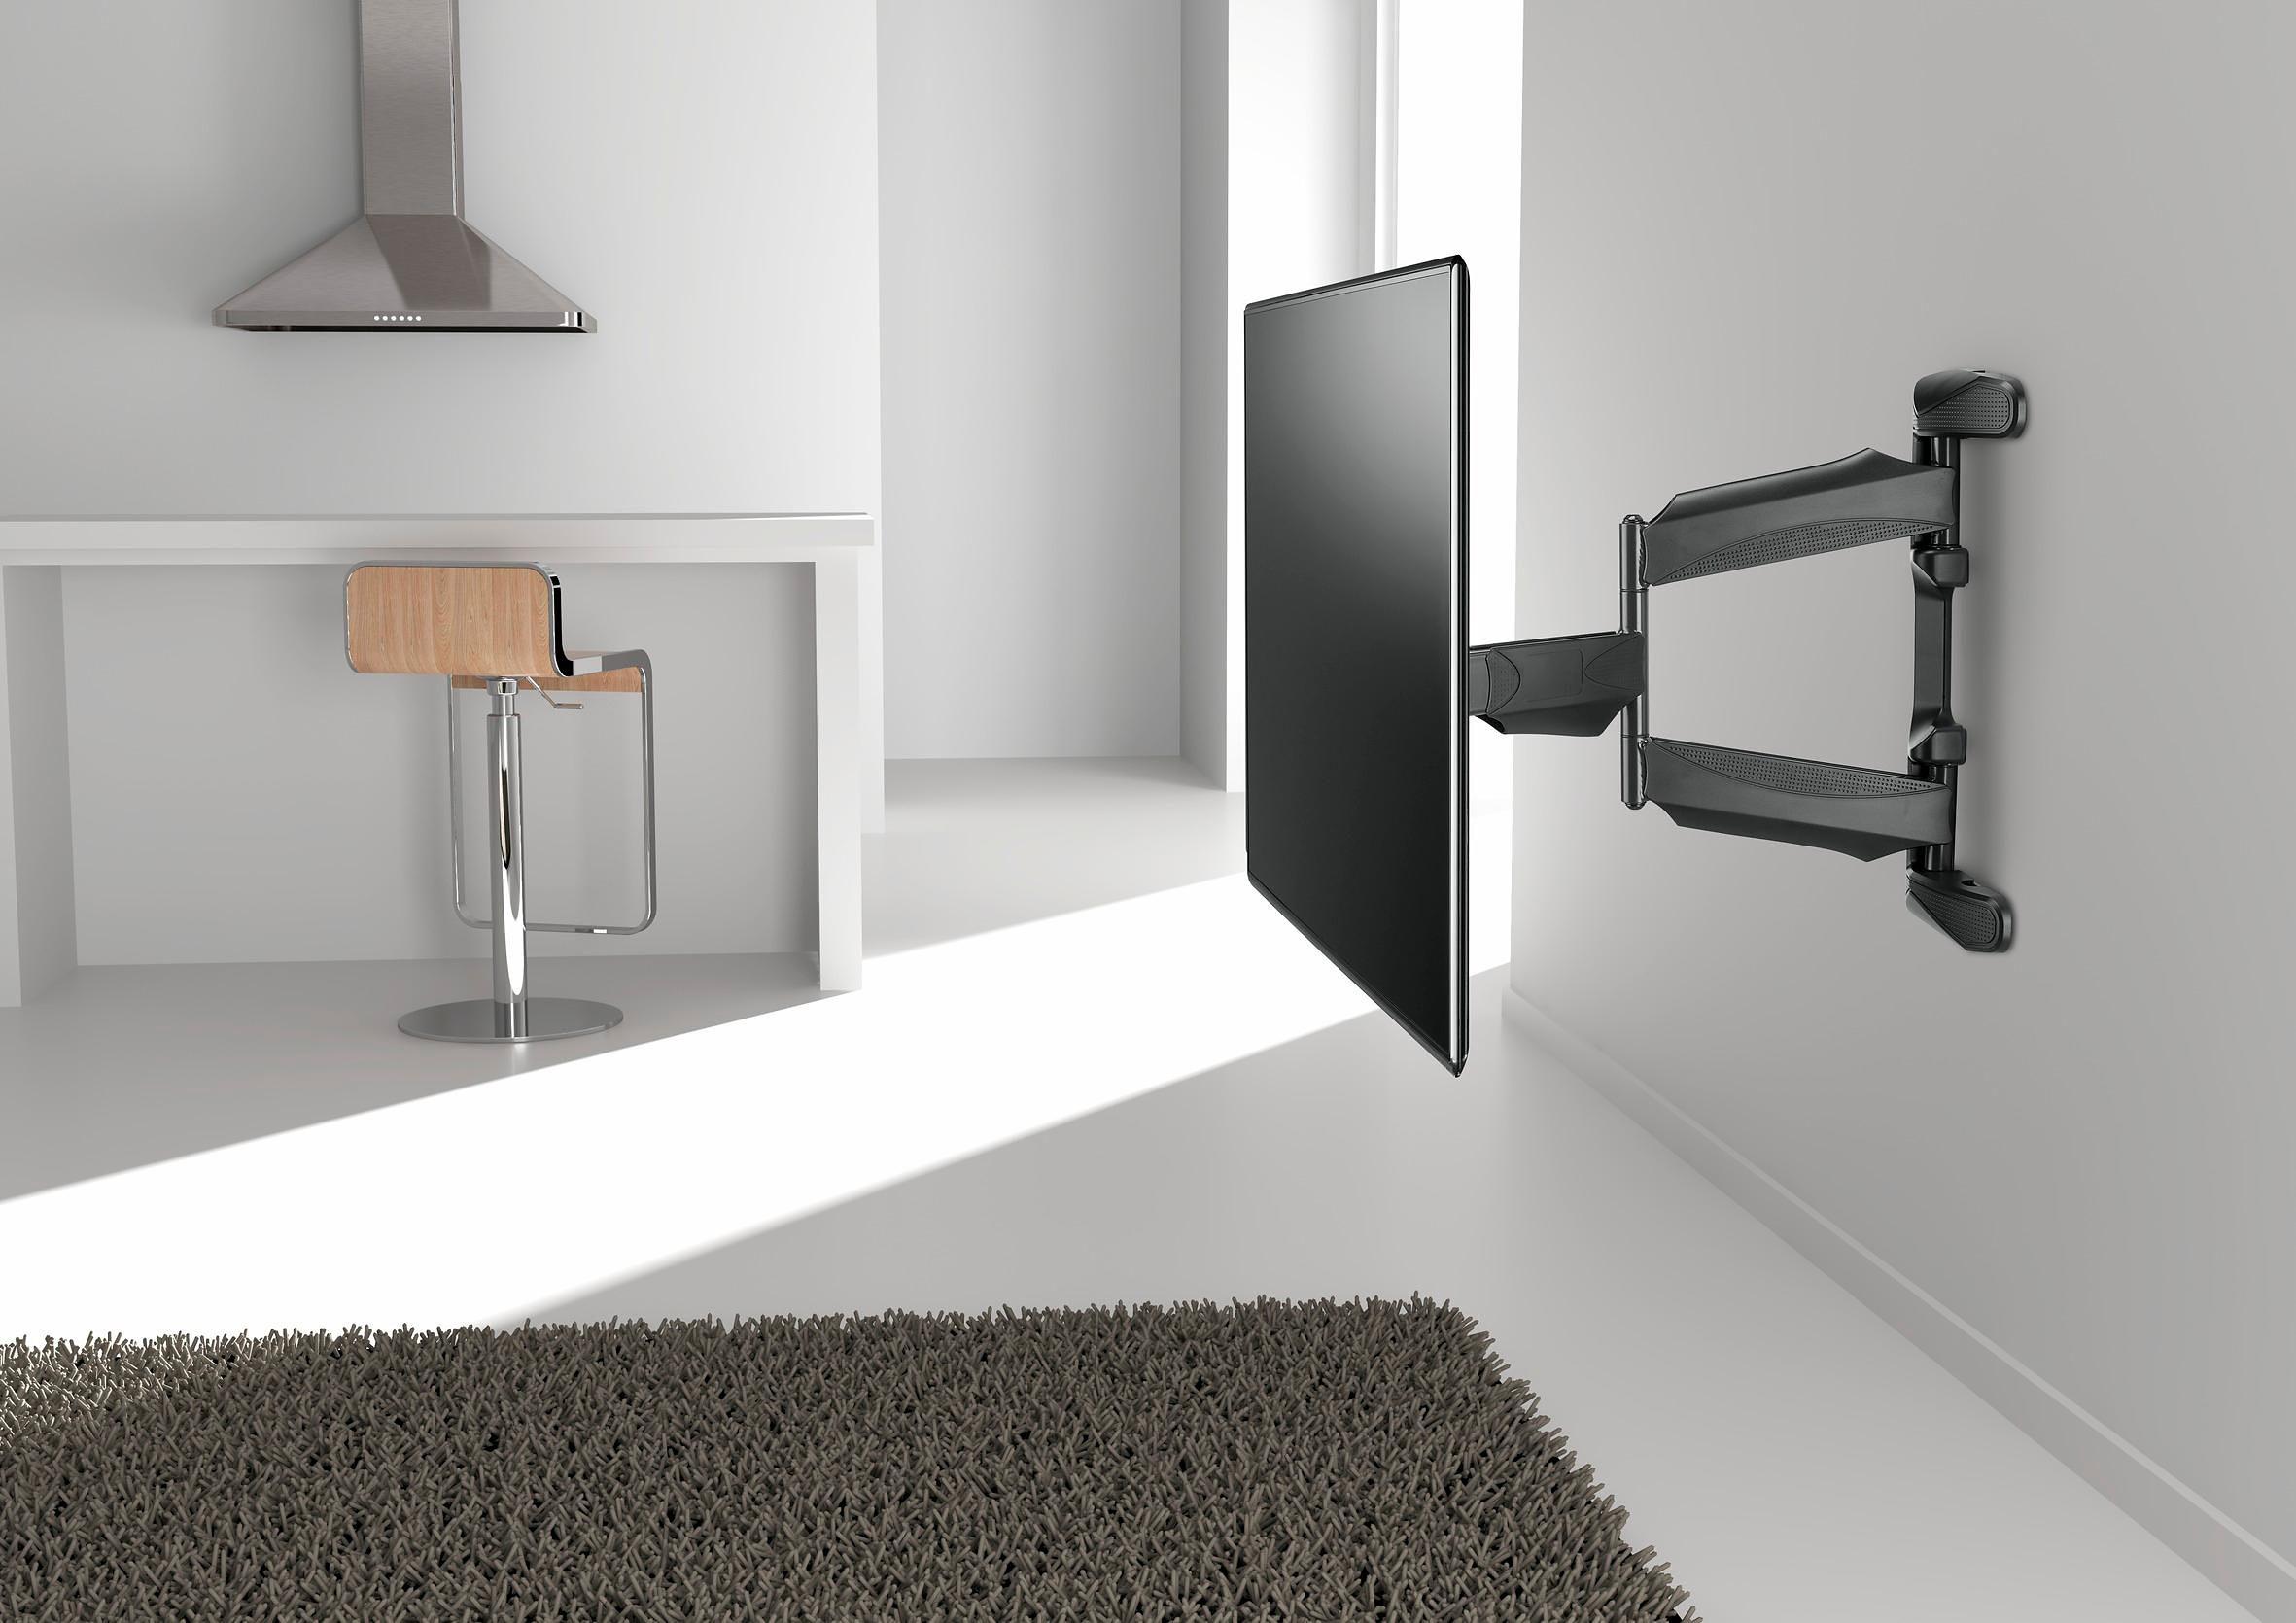 vogel's® TV-Wandhalter »BASE 45 M« schwenkbar, für 81-140 cm (32-55 Zoll) Geräte, VESA 400x400